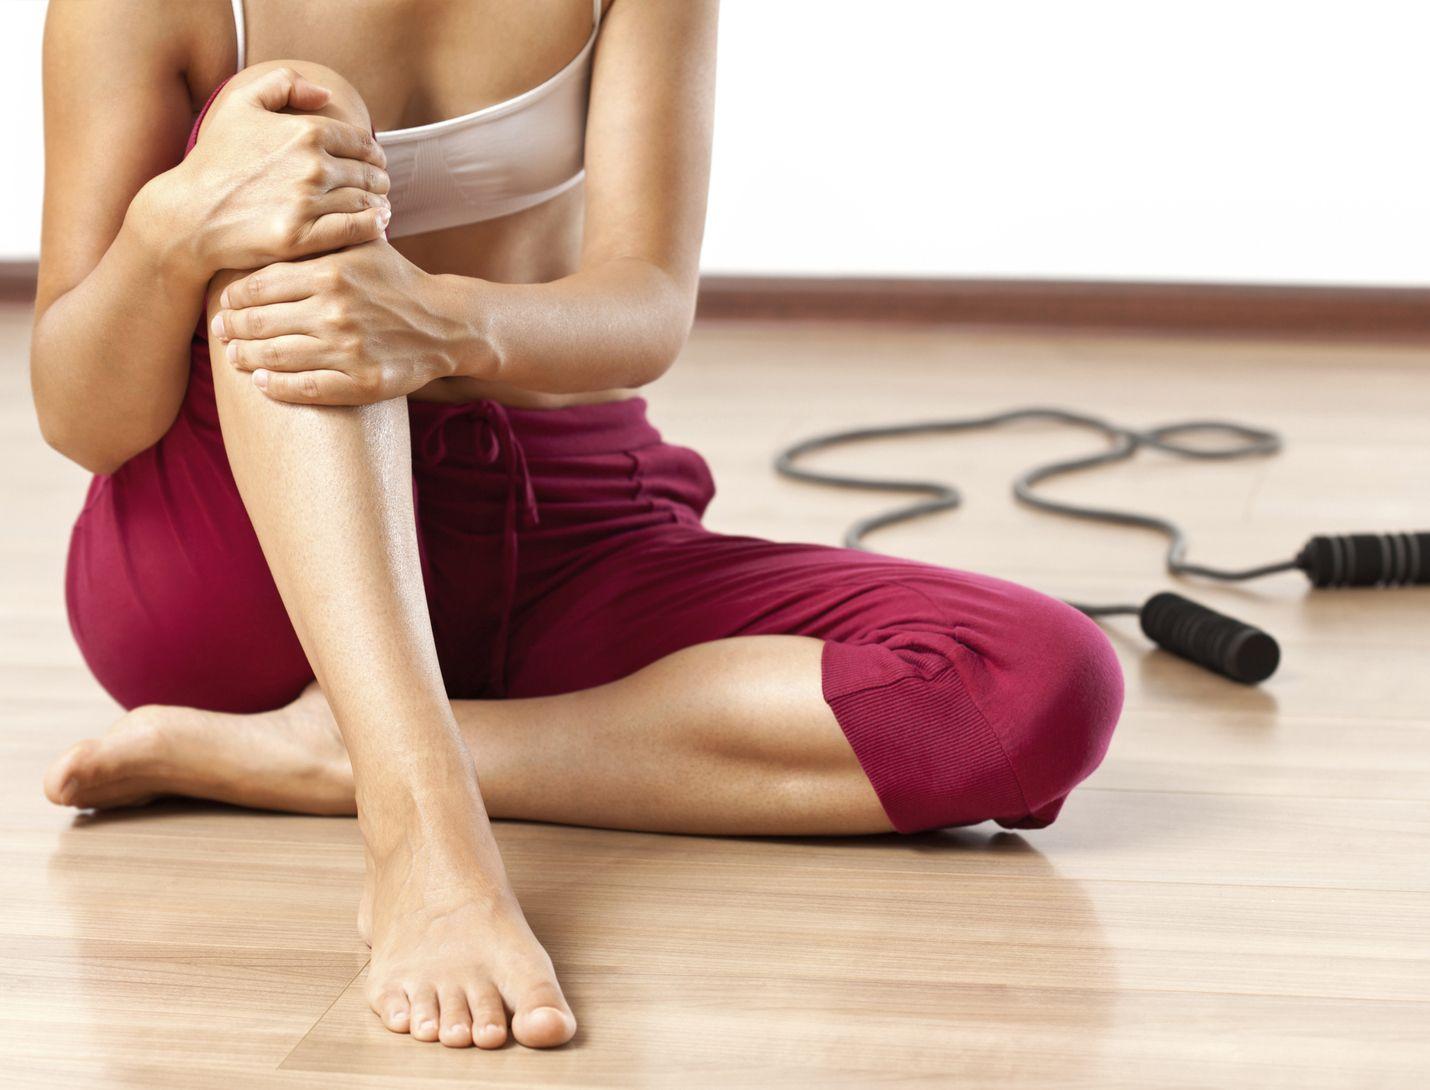 Kronik Diz Ağrısı Çekenler İçin Egzersiz Önerileri